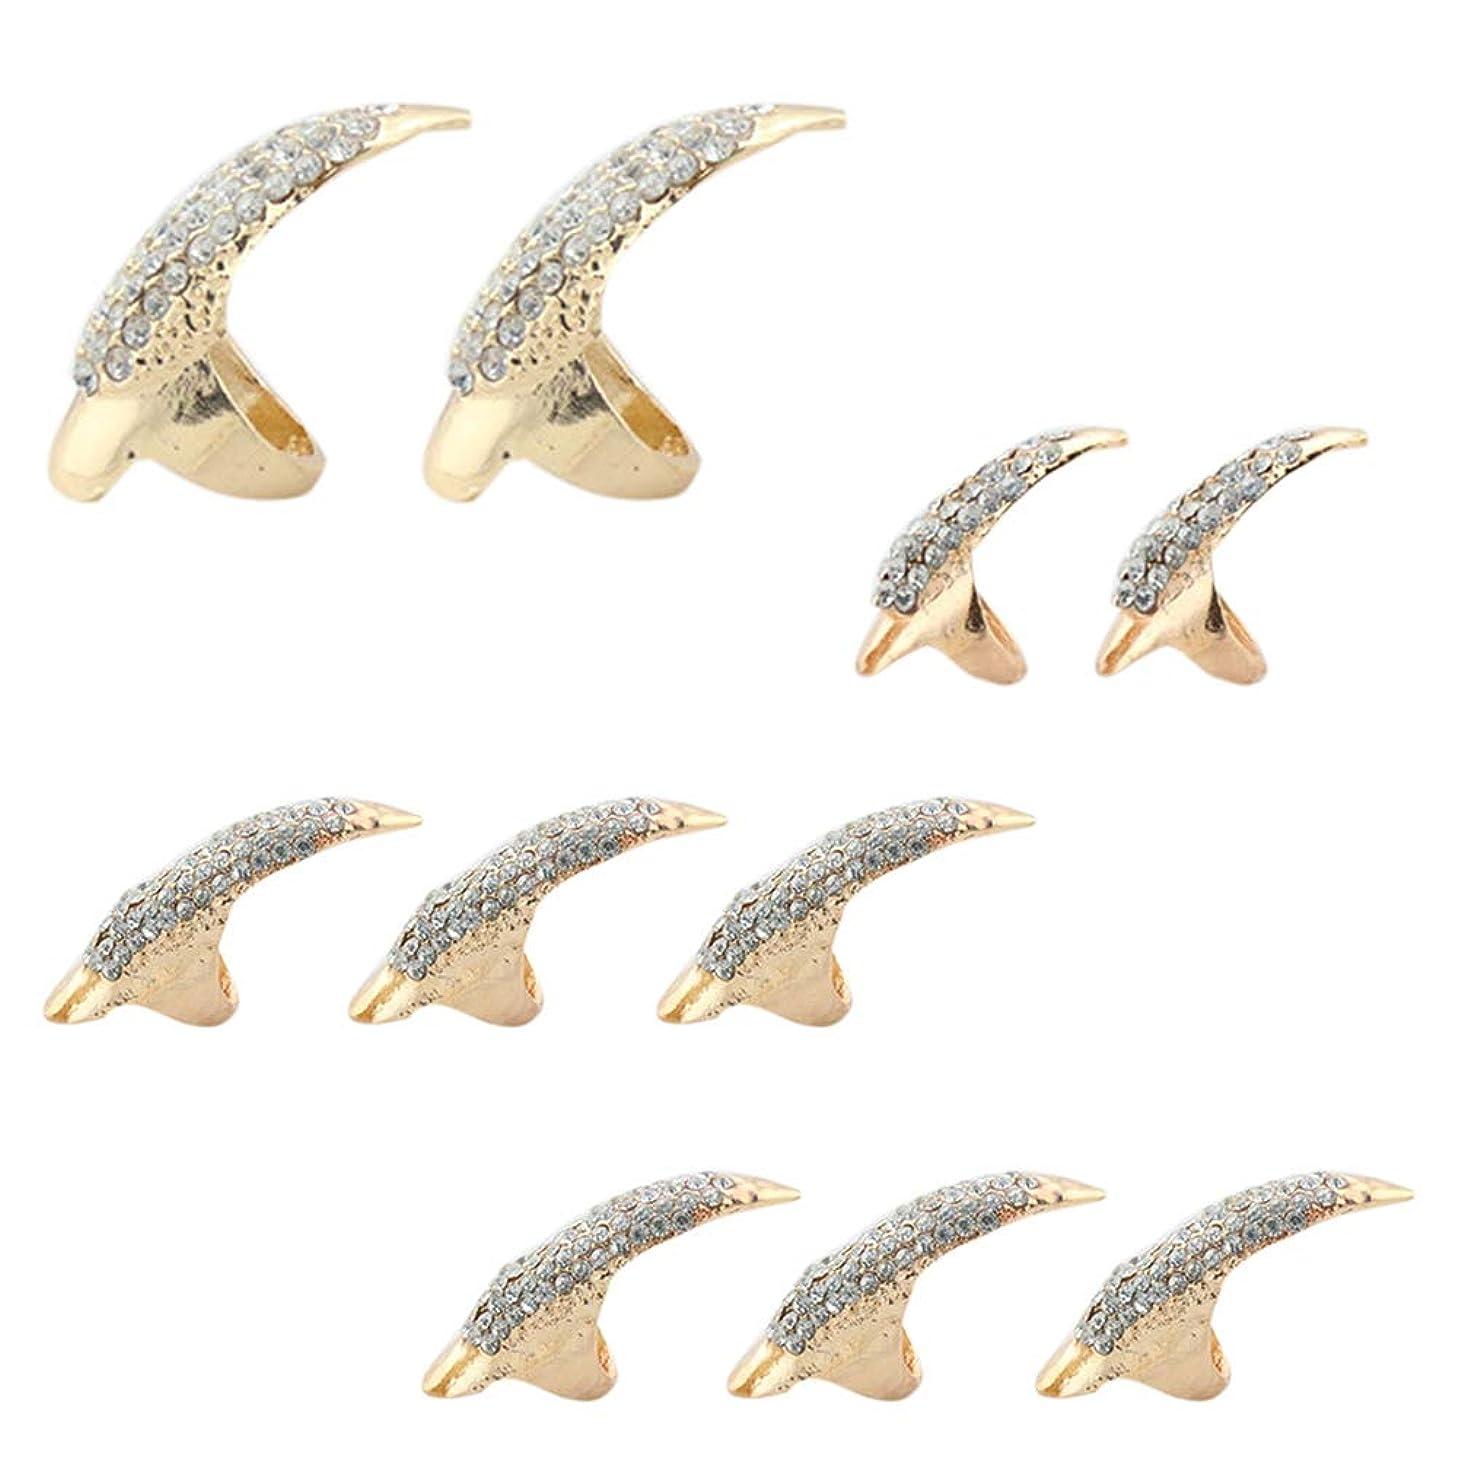 規定漁師スクリューLURROSE 10本偽ネイルパンクスタイルタロン爪足指輪ナックルベンド指先指爪リング3サイズ(ブラック)